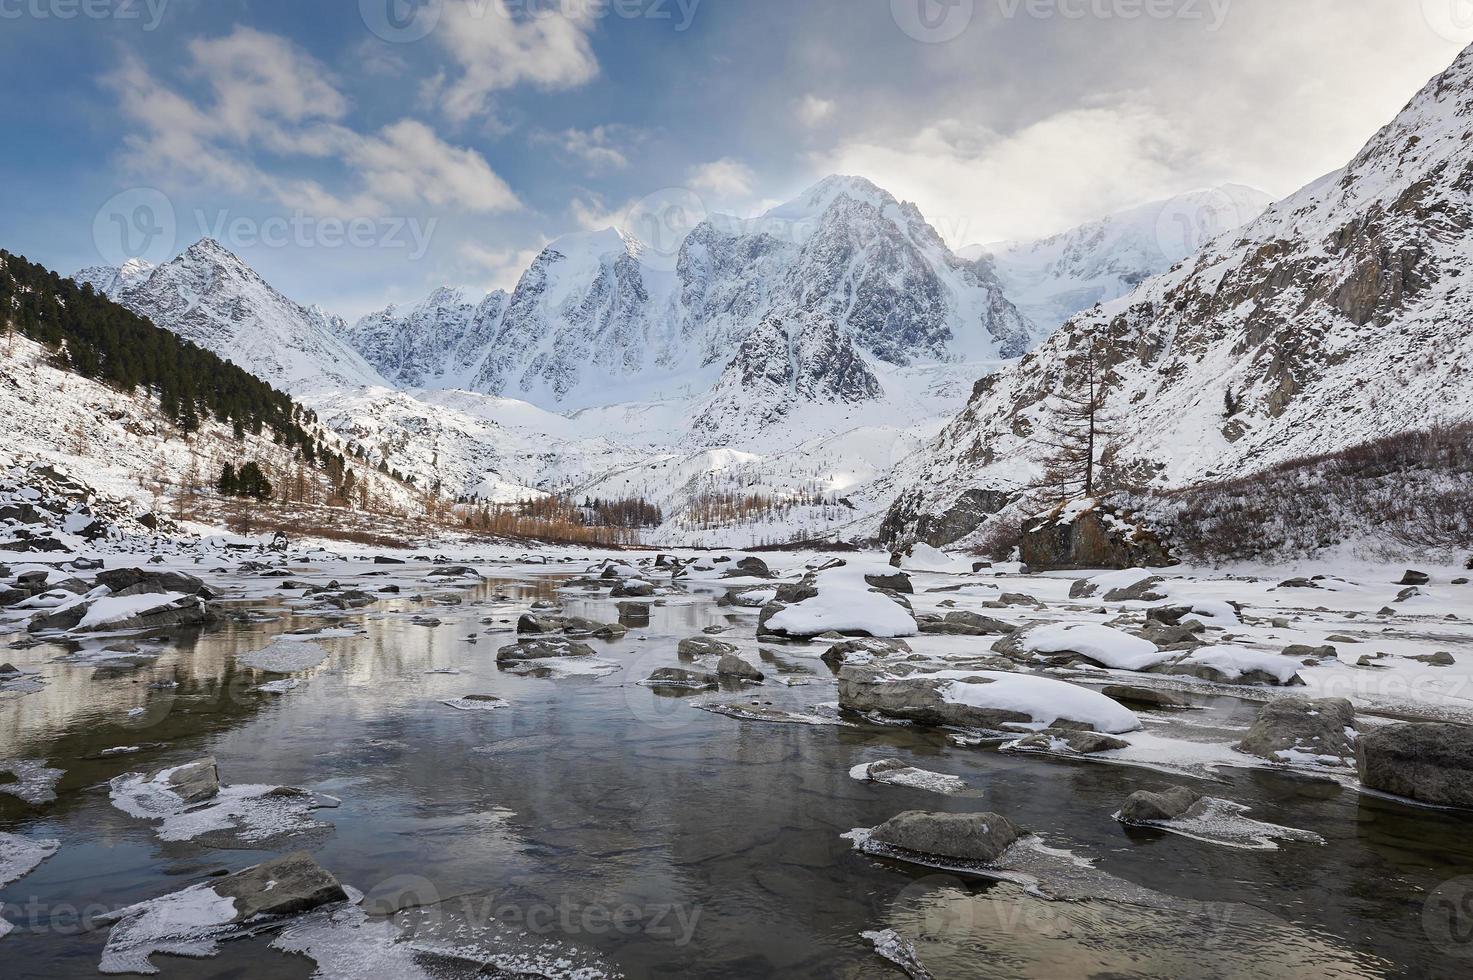 schöne winterlandschaft, altai berge russland. foto